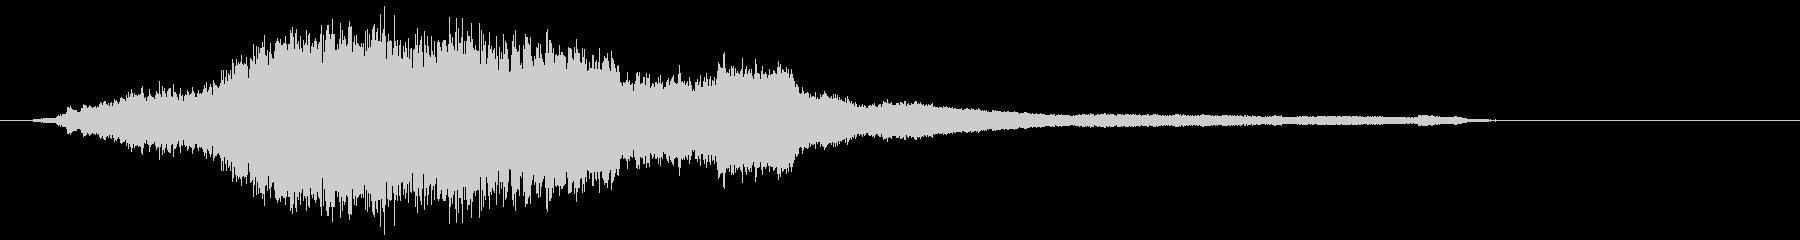 【ホラー】ベルが響き渡るダークな空間の未再生の波形